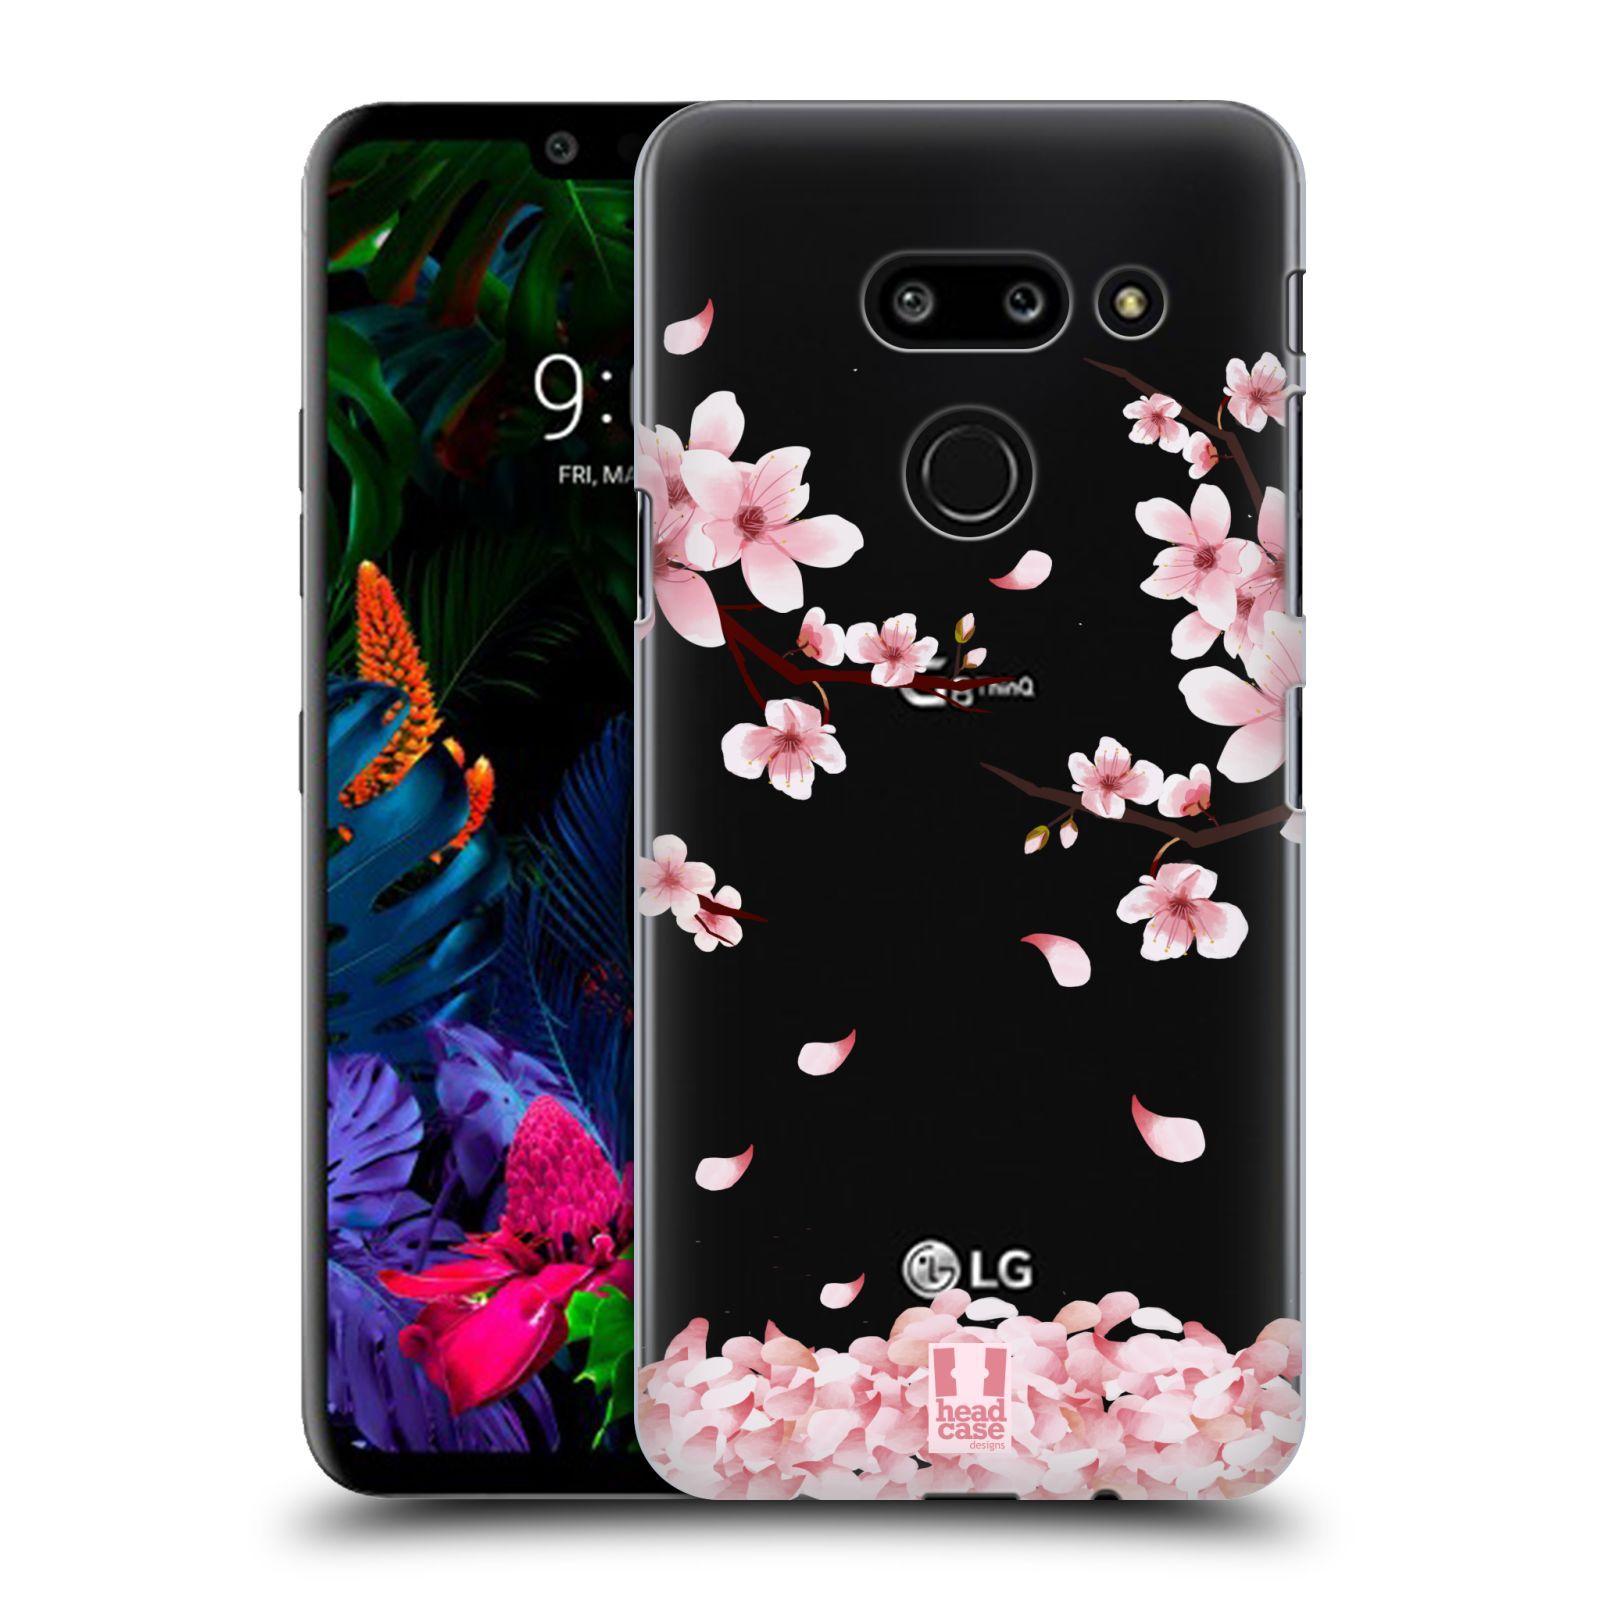 Plastové pouzdro na mobil LG G8 ThinQ - Head Case - Květy a větvičky